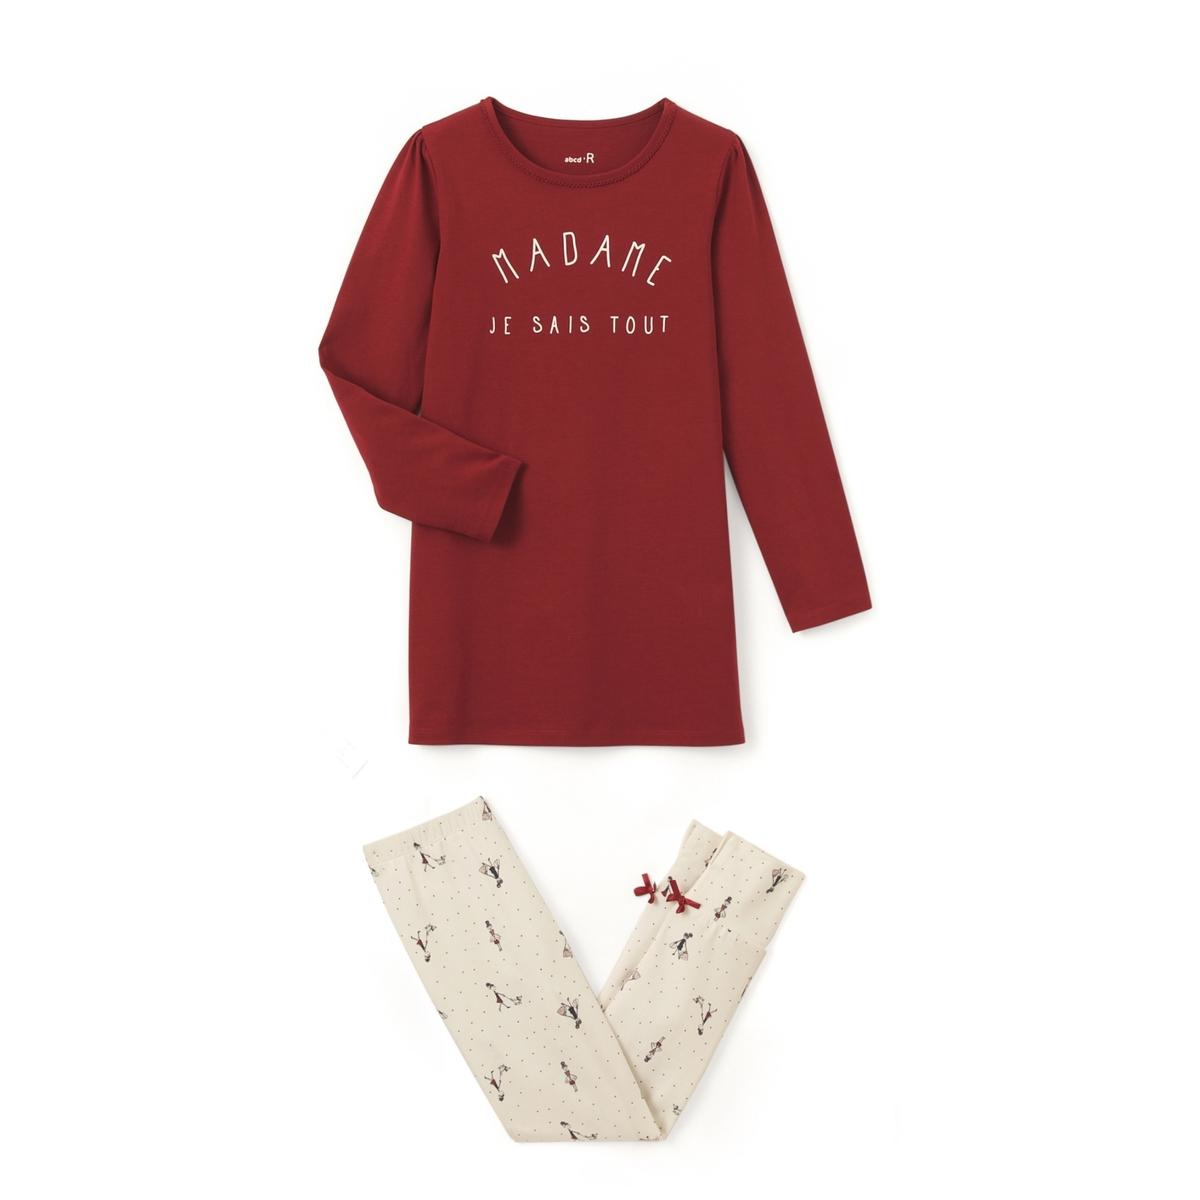 Пижама из джерси, 2-12 летПижама состоит из футболки с длинными рукавами и леггинсов. Футболка с принтом Madame je sais tout (Мадам, я знаю все) спереди. Круглый вырез. Длинные леггинсы на эластичном поясе, присборенные на щиколотках.Состав и описание :    Материал Джерси 100% хлопок    Уход :  Машинная стирка при 30 °C с вещами схожих цветов. Стирка и глажка с изнаночной стороны. Машинная сушка в умеренном режиме. Гладить при низкой температуре.<br><br>Цвет: красный/ бордовый<br>Размер: 8 лет - 126 см.5 лет - 108 см.6 лет - 114 см.4 года - 102 см.2 года - 86 см